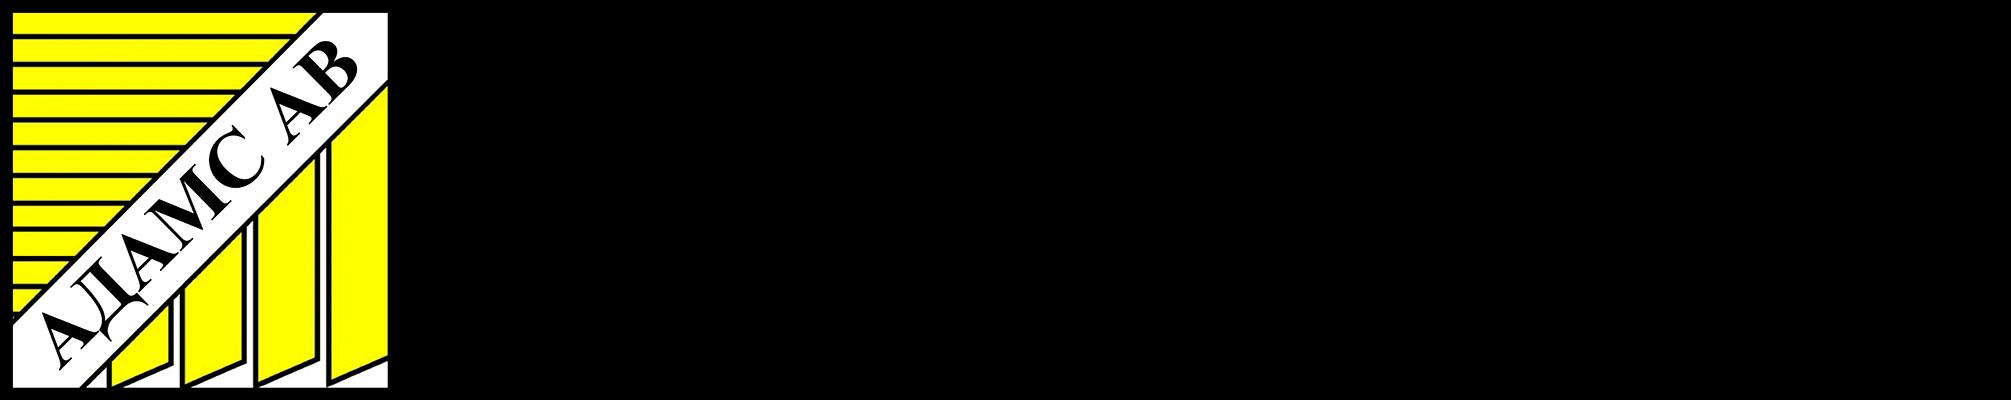 Магазин Адамс АВ Барановичи